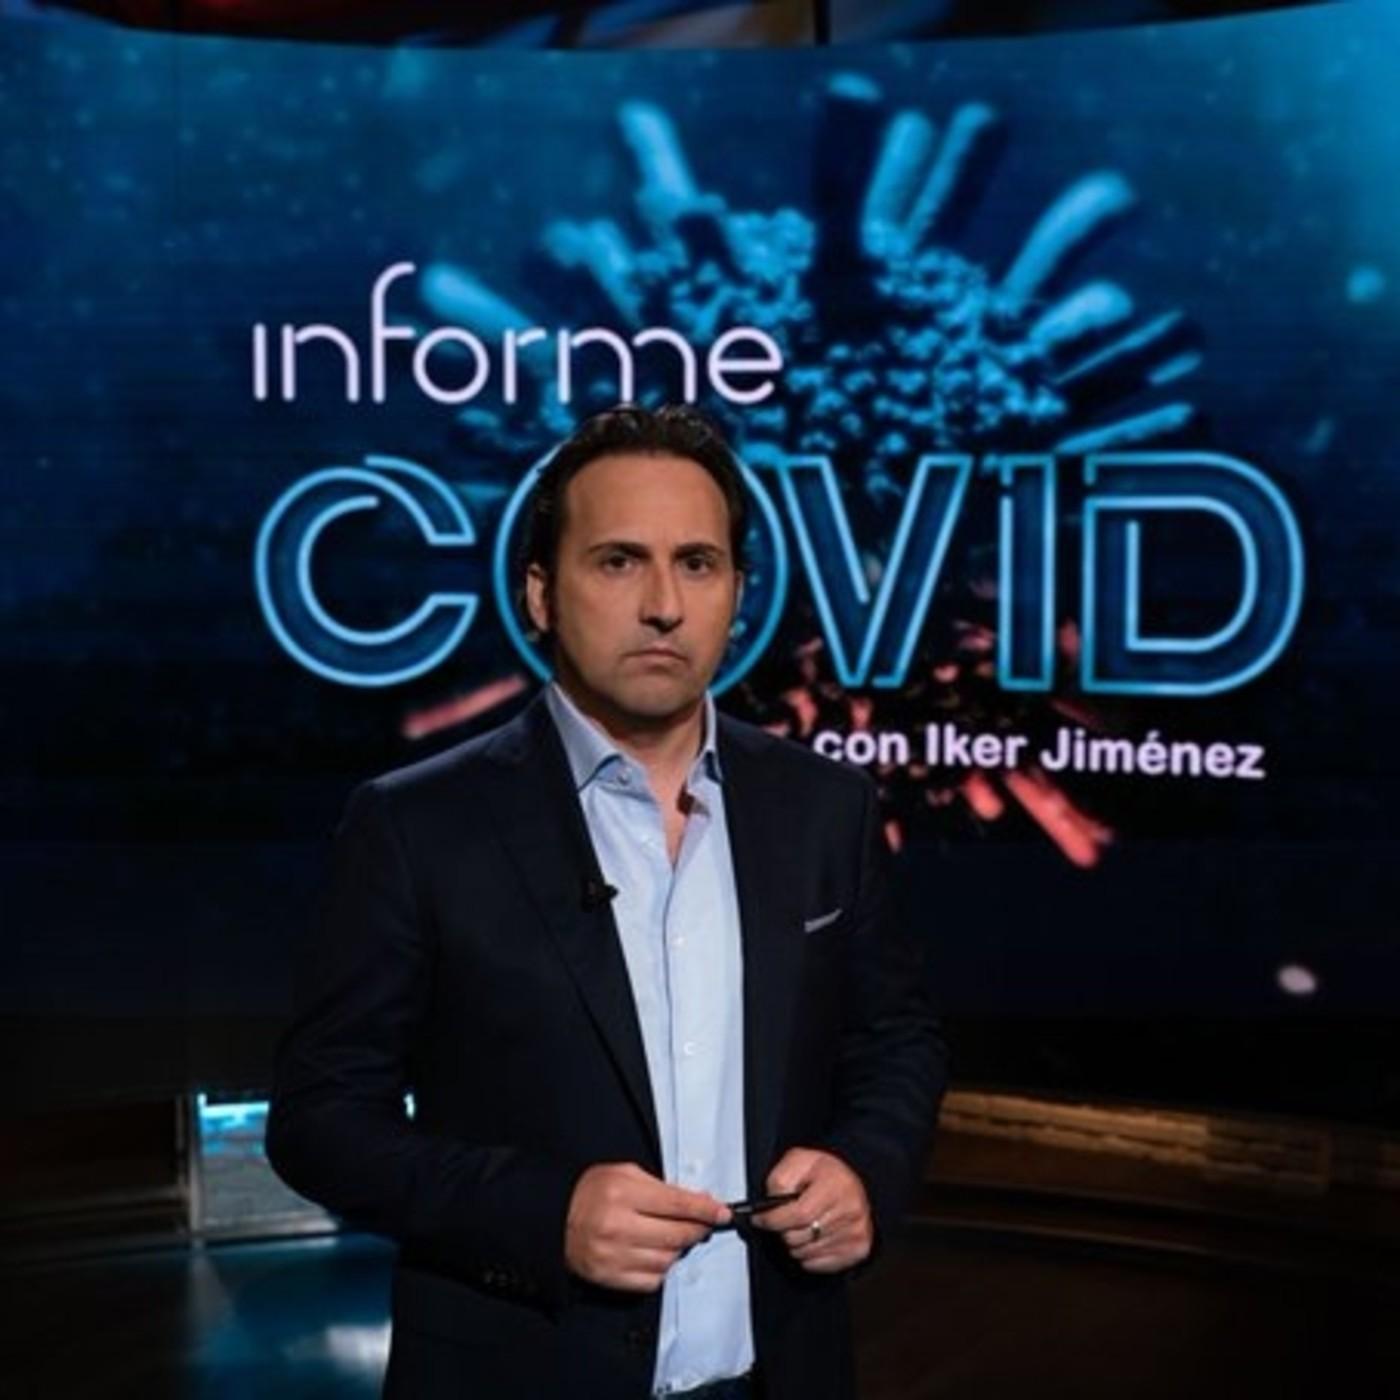 Informe Covid Episodio 5 (15-10-2020): La clave genética